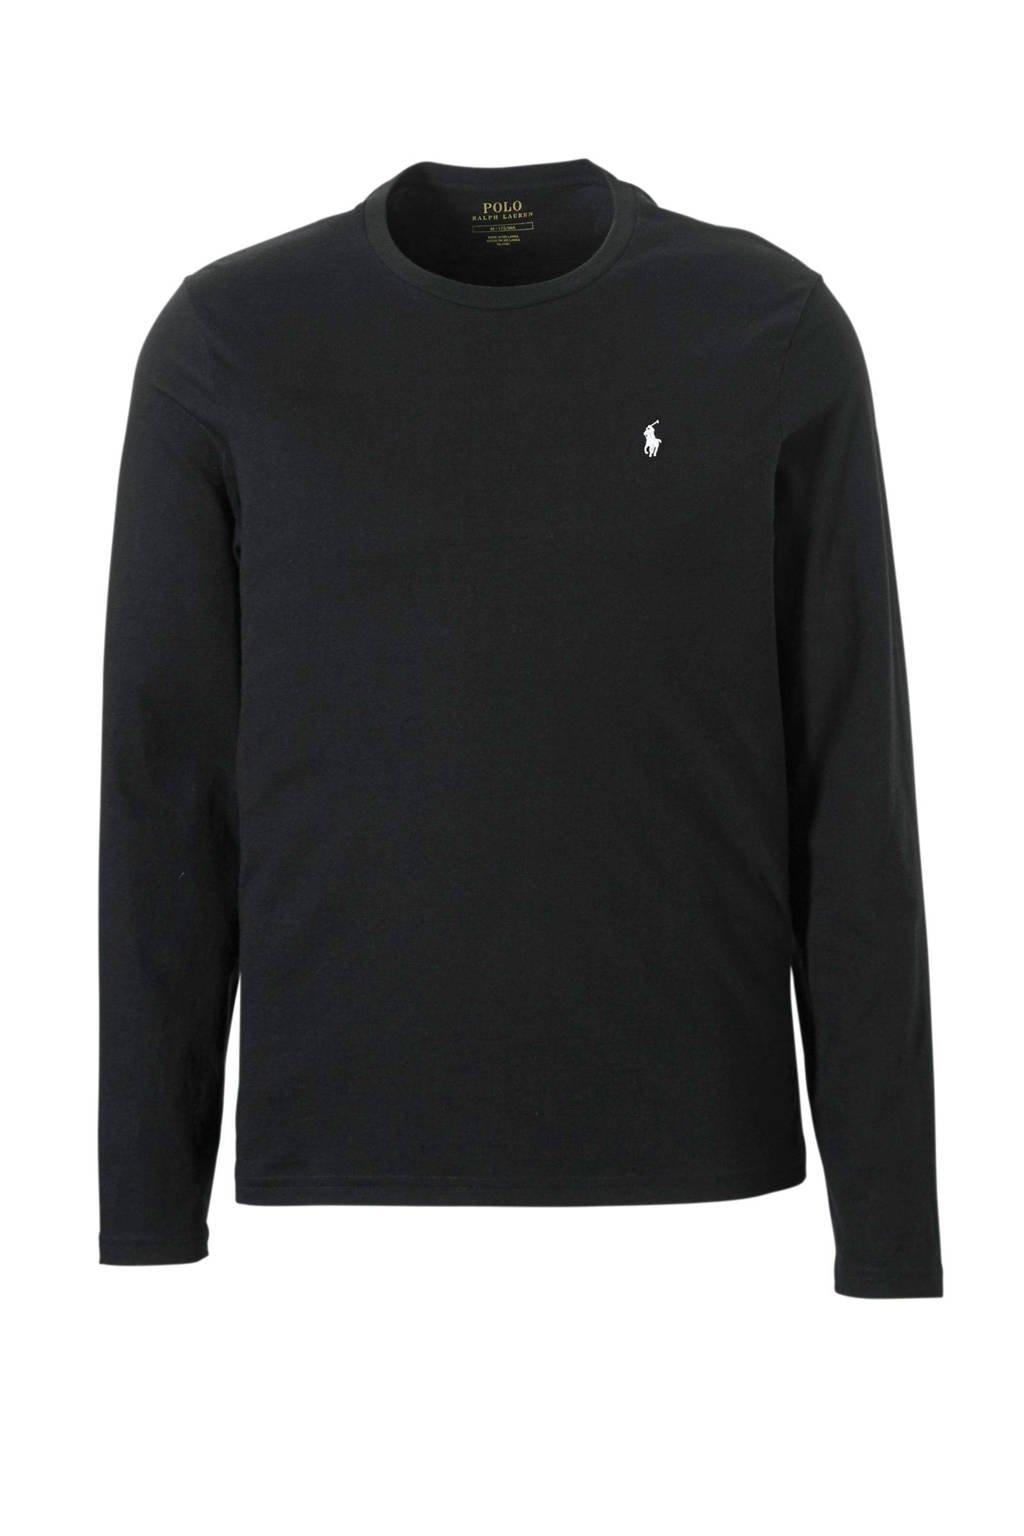 POLO Ralph Lauren T-shirt met lange mouwen zwart, Zwart